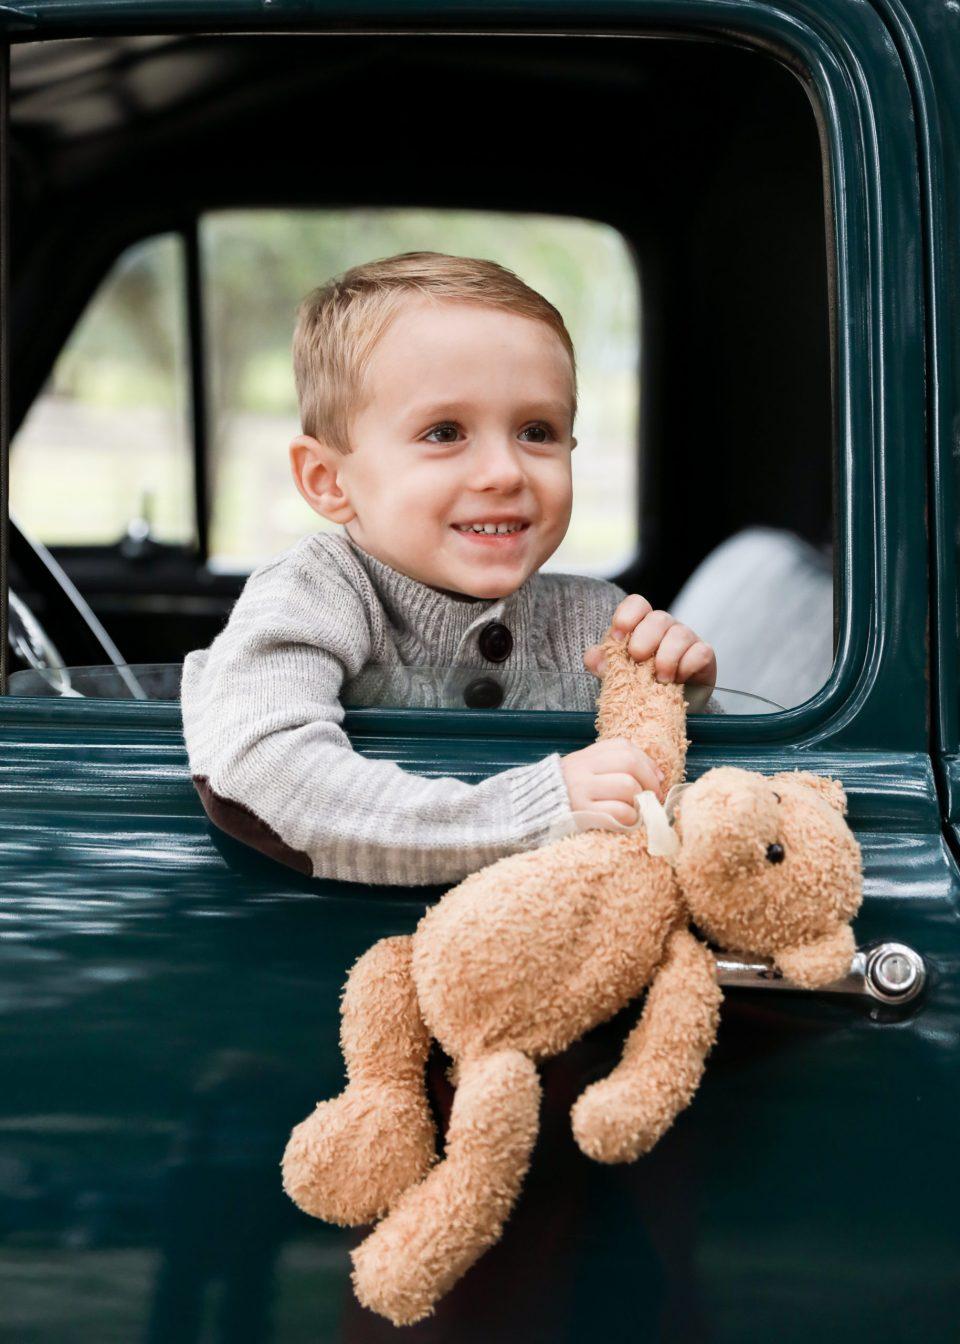 Cute boy with bear in truck